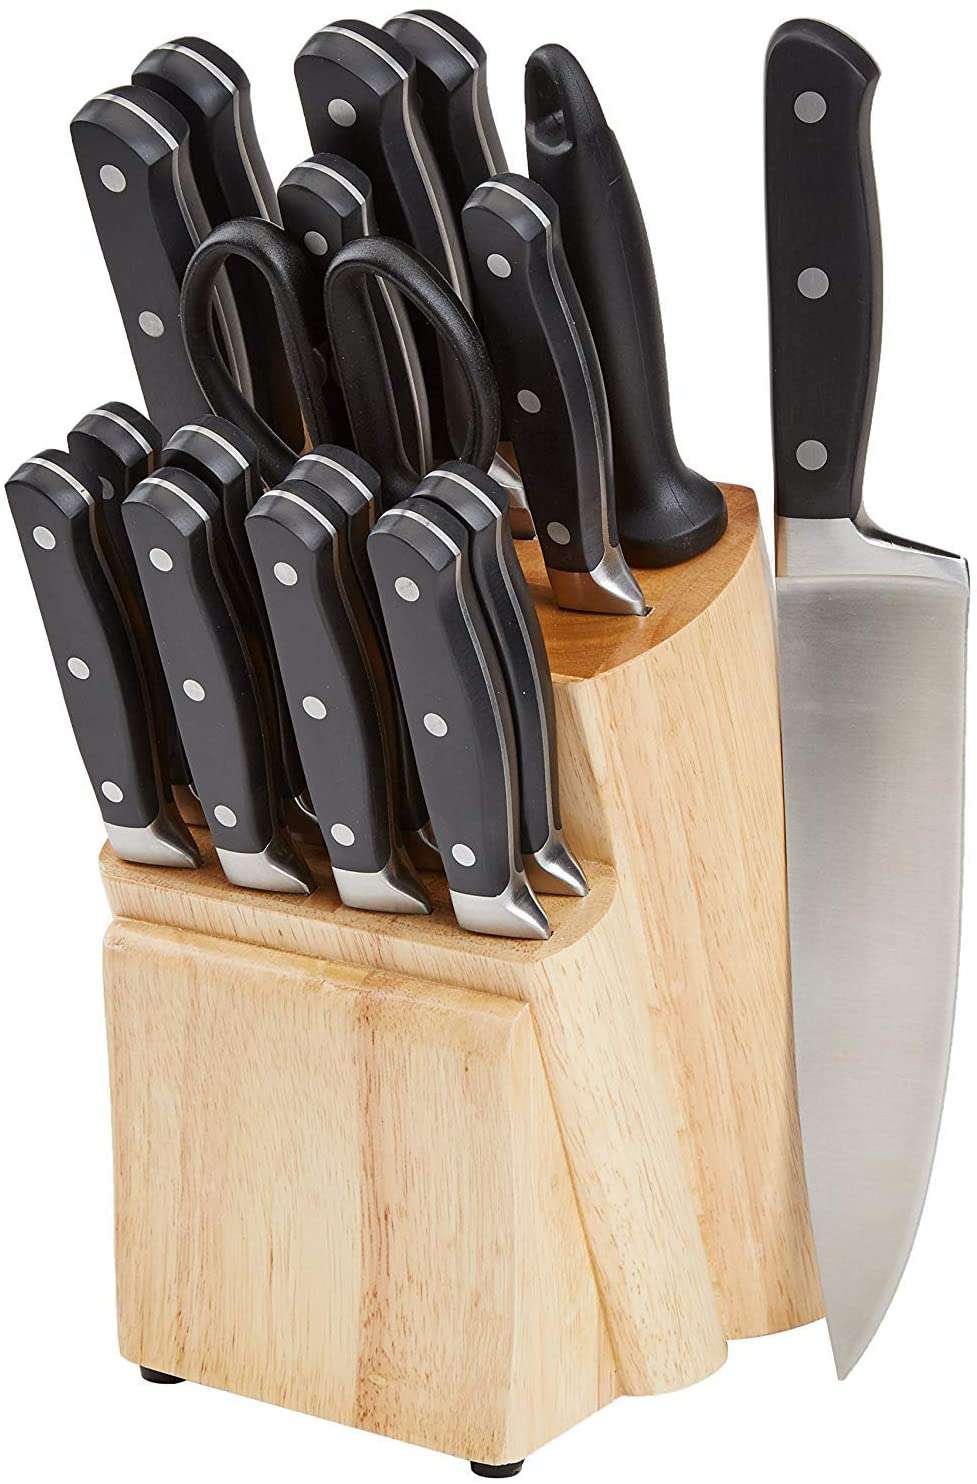 amazon-basics-12-piece-knife-set